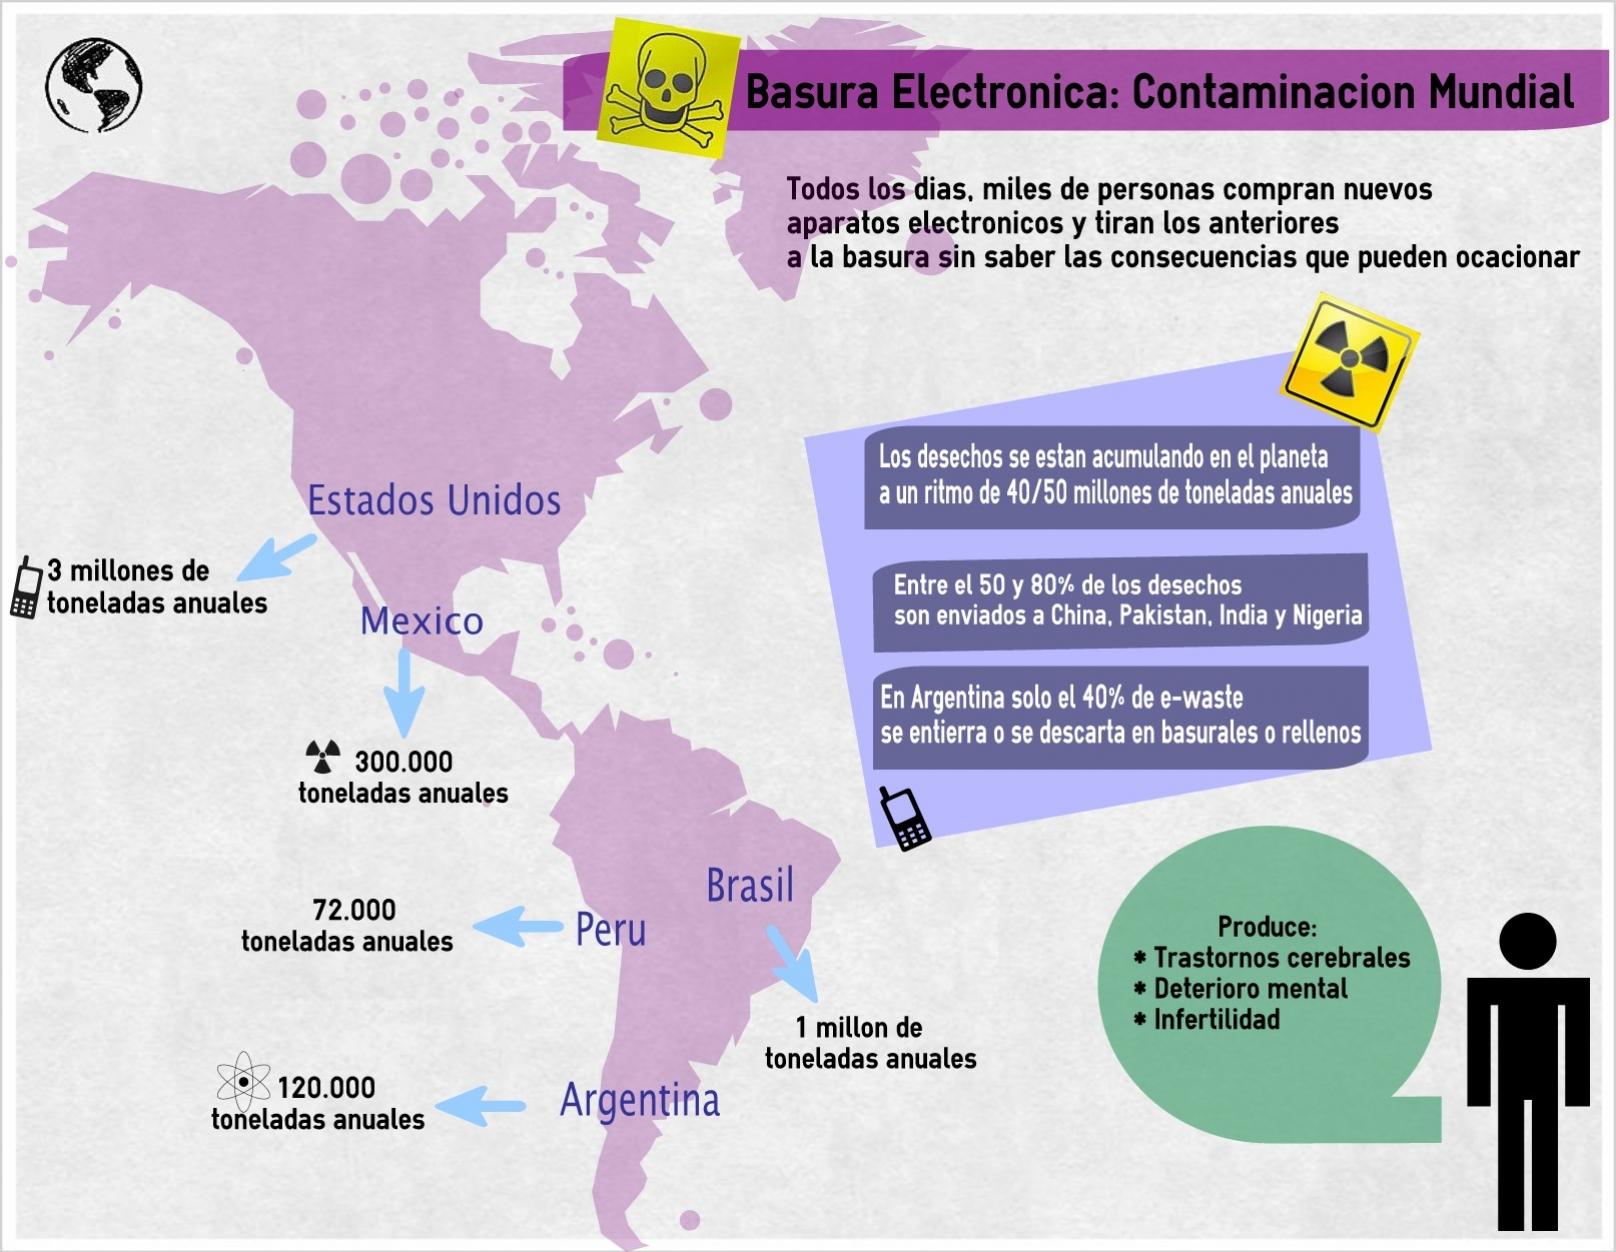 Basura electrónica: Contaminación mundial